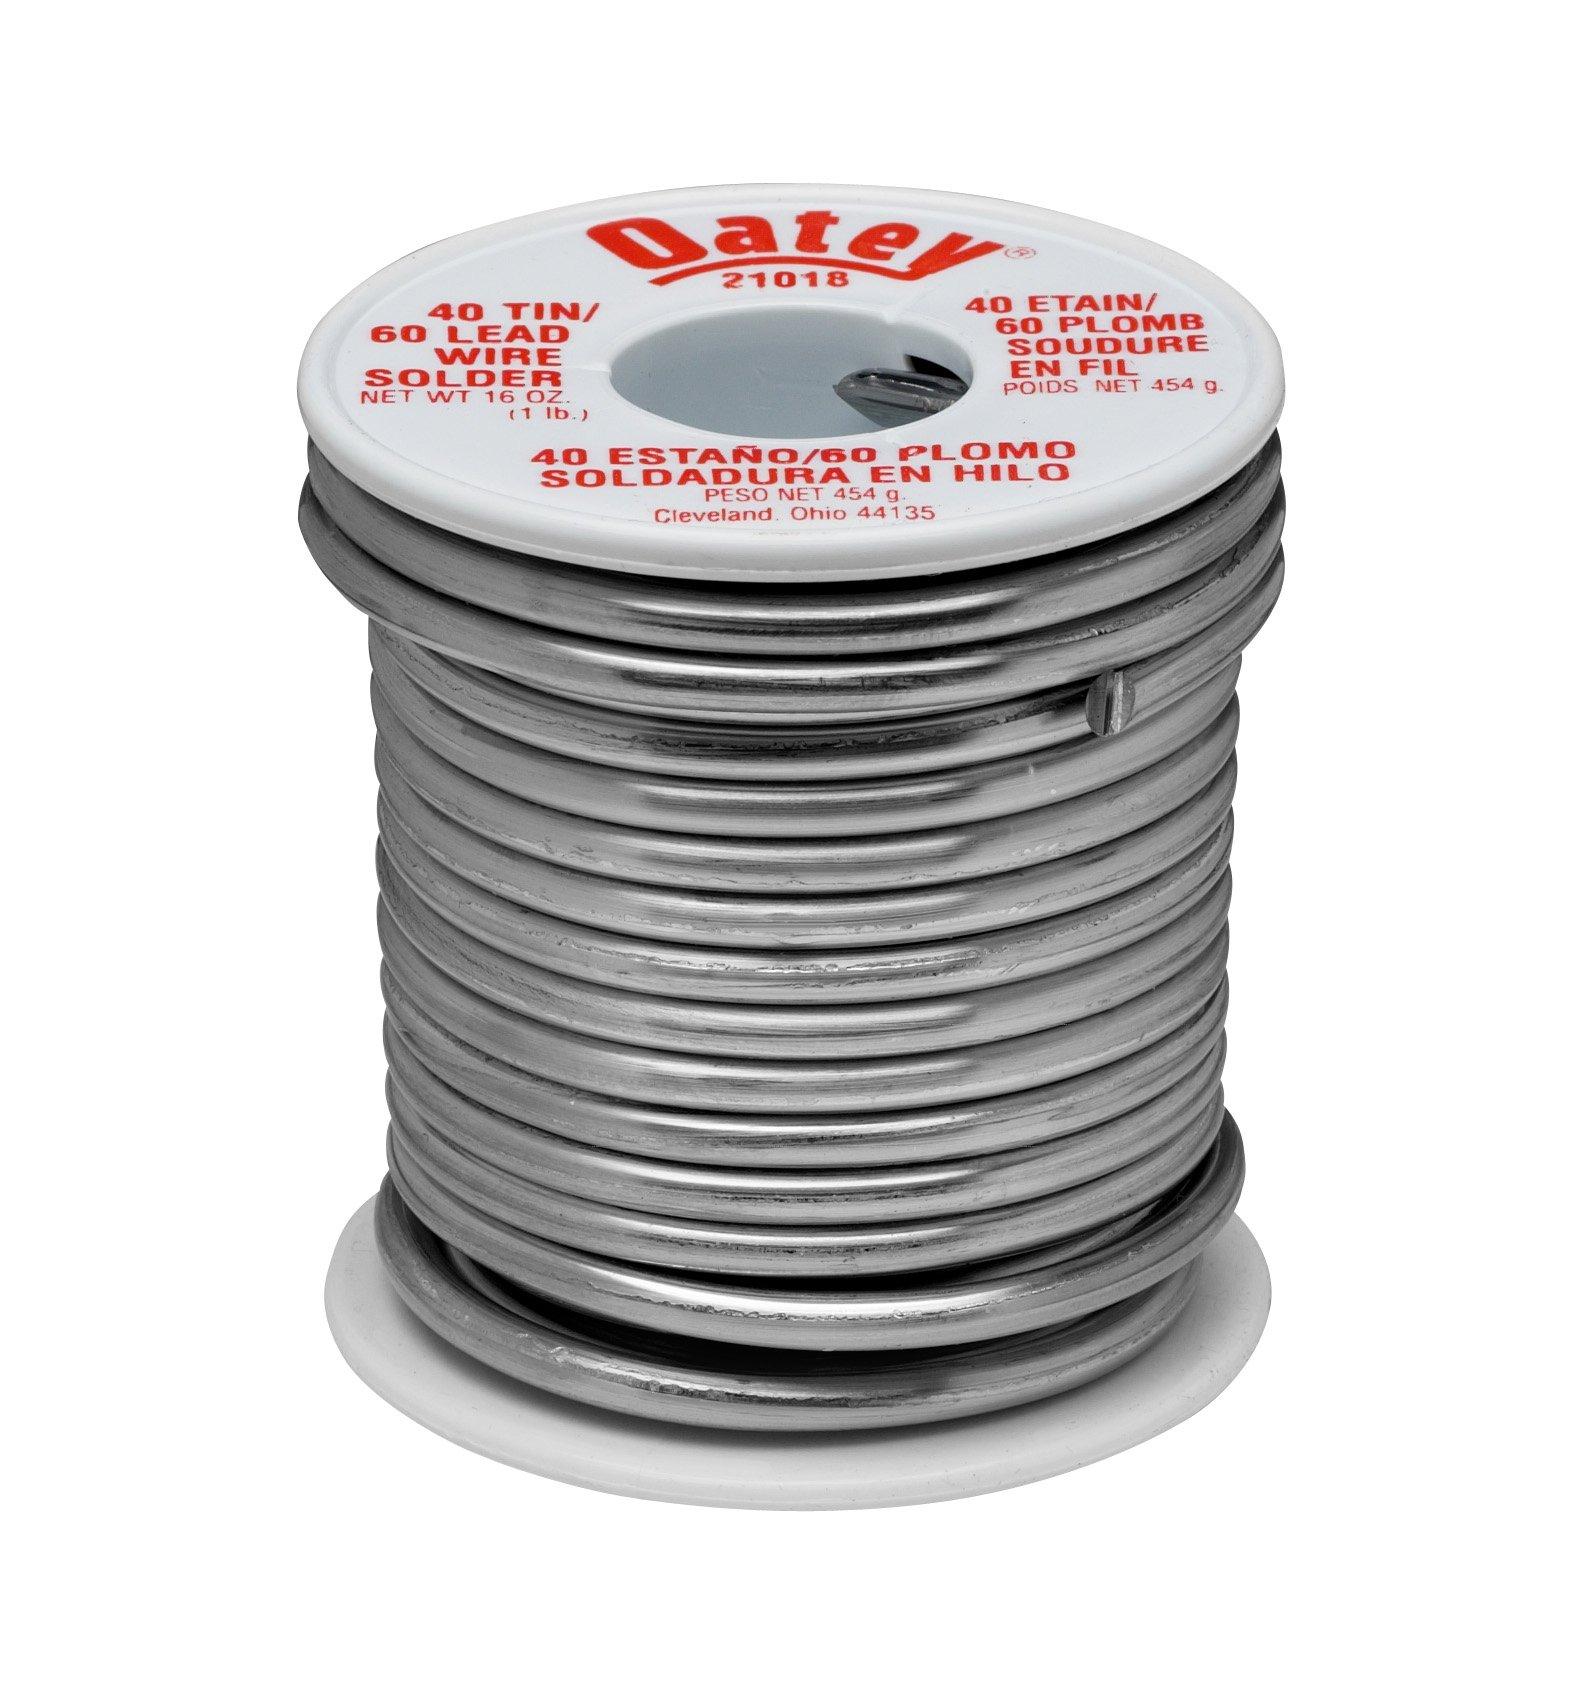 Oatey 21018 40/60 Wire Solder, 0.125-Inch ga. - 1 lb.